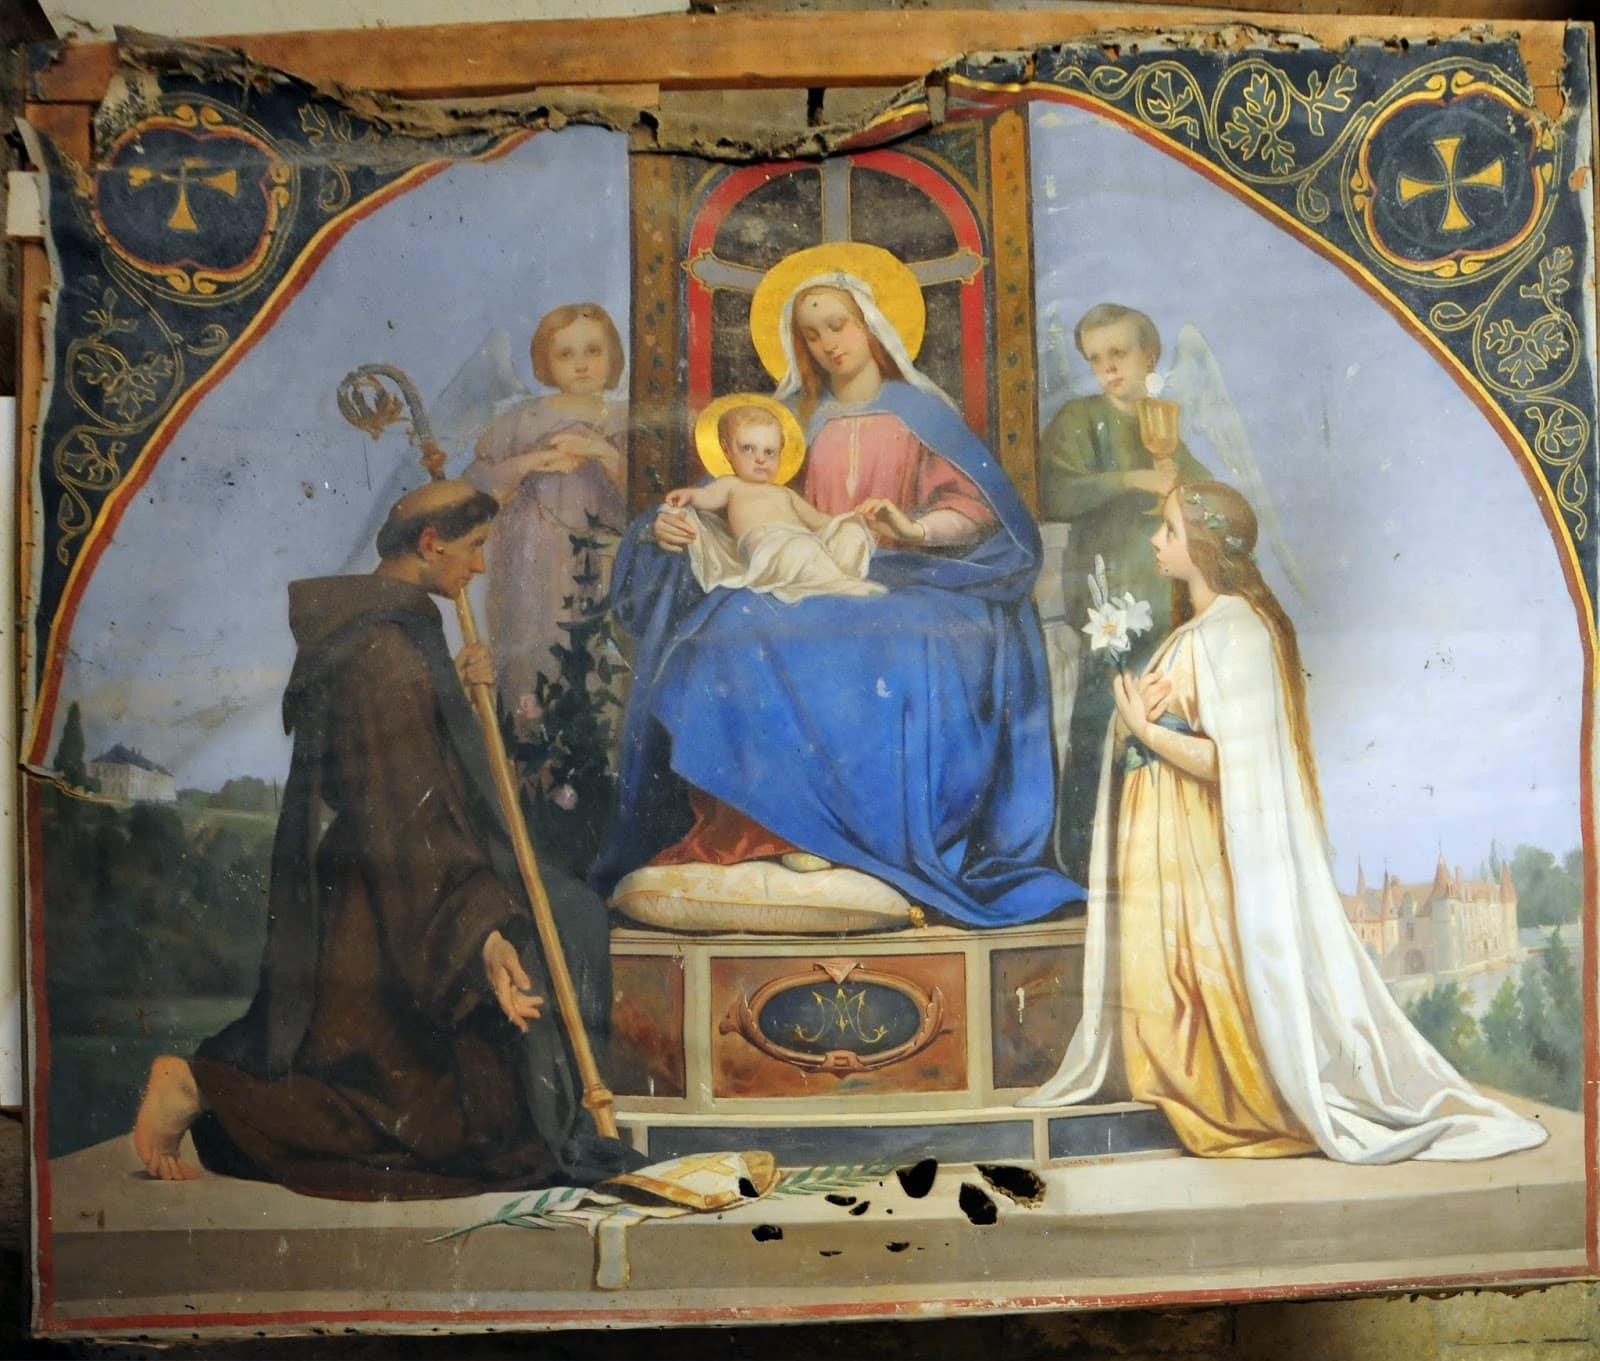 Tableau de La Vierge et l'Enfant